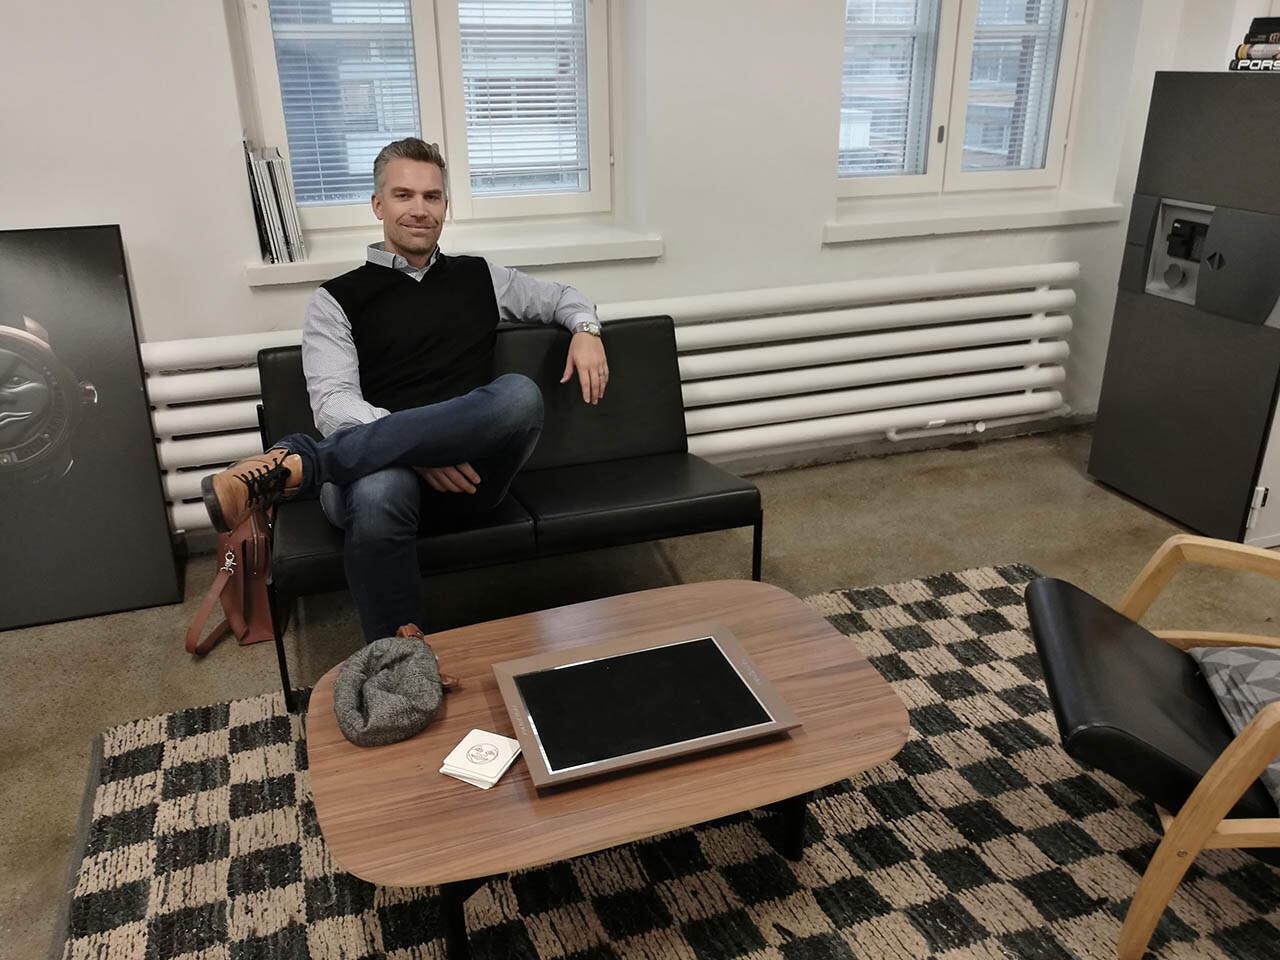 Sami Astalan Kellokonttori on asettunut taloksi Kaapelitehtaalle.